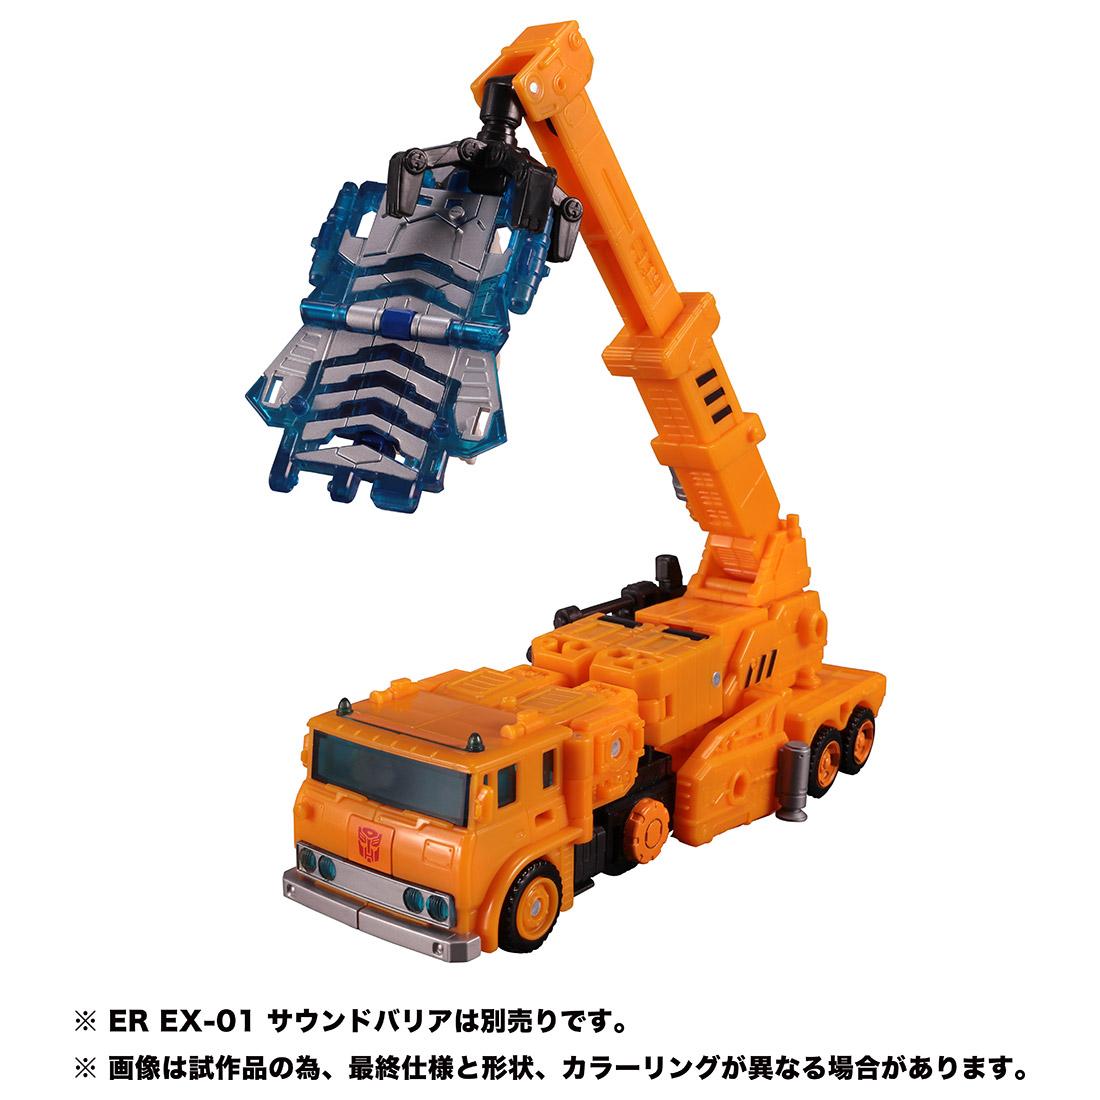 【限定販売】トランスフォーマー アースライズ『ER EX-02 グラップル』可変可動フィギュア-004